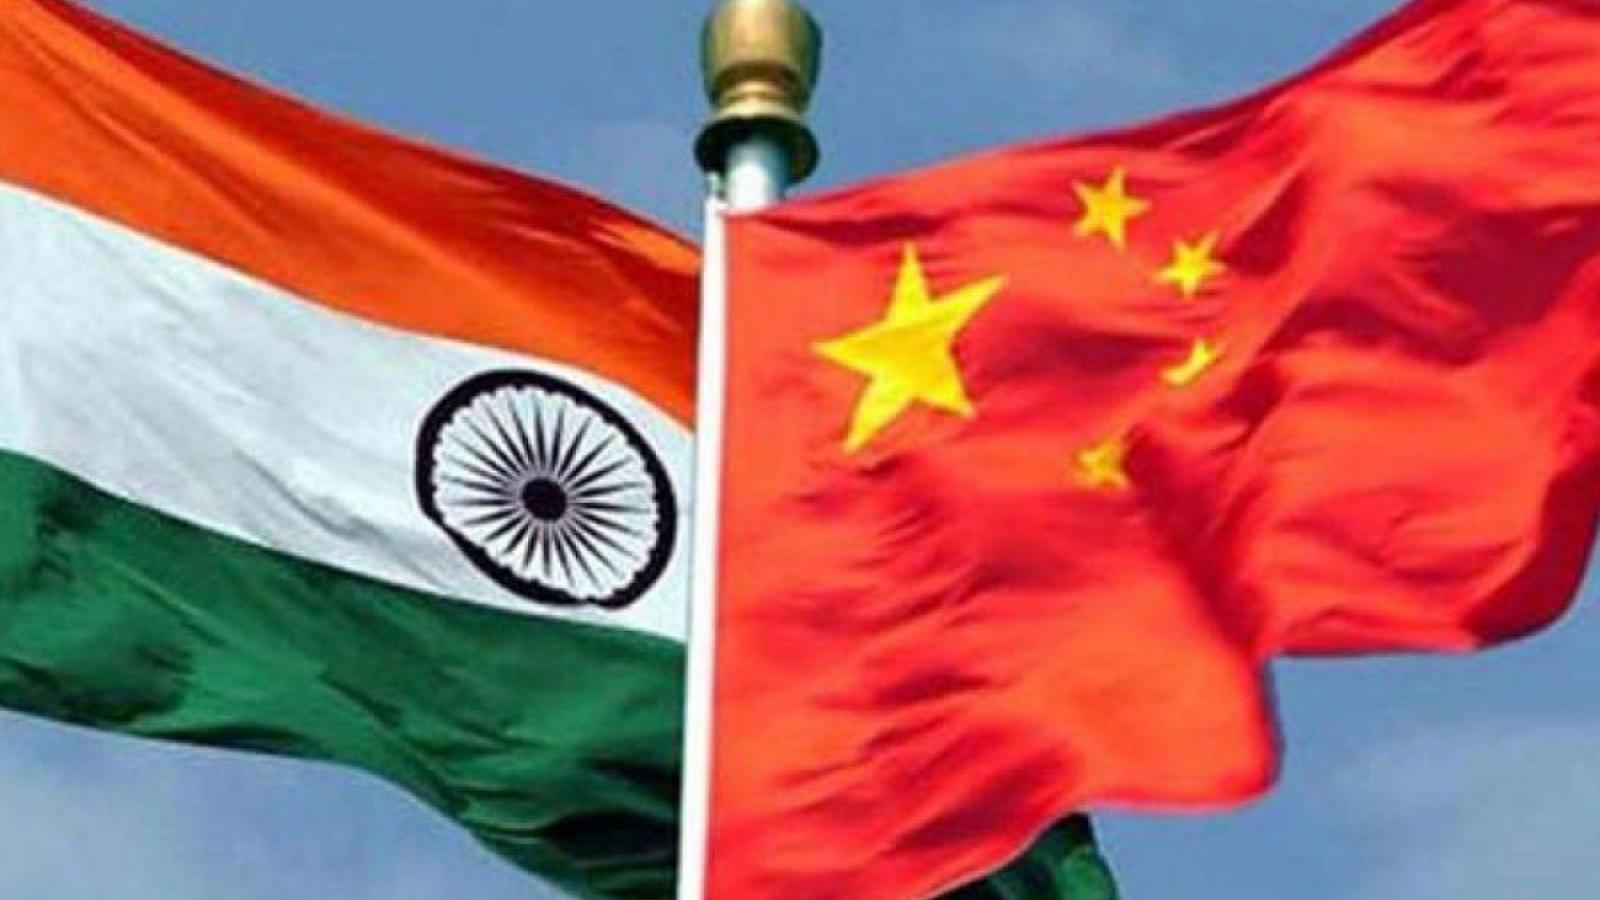 Ấn Độ và Trung Quốc nhất trí không biến khác biệt thành tranh chấp